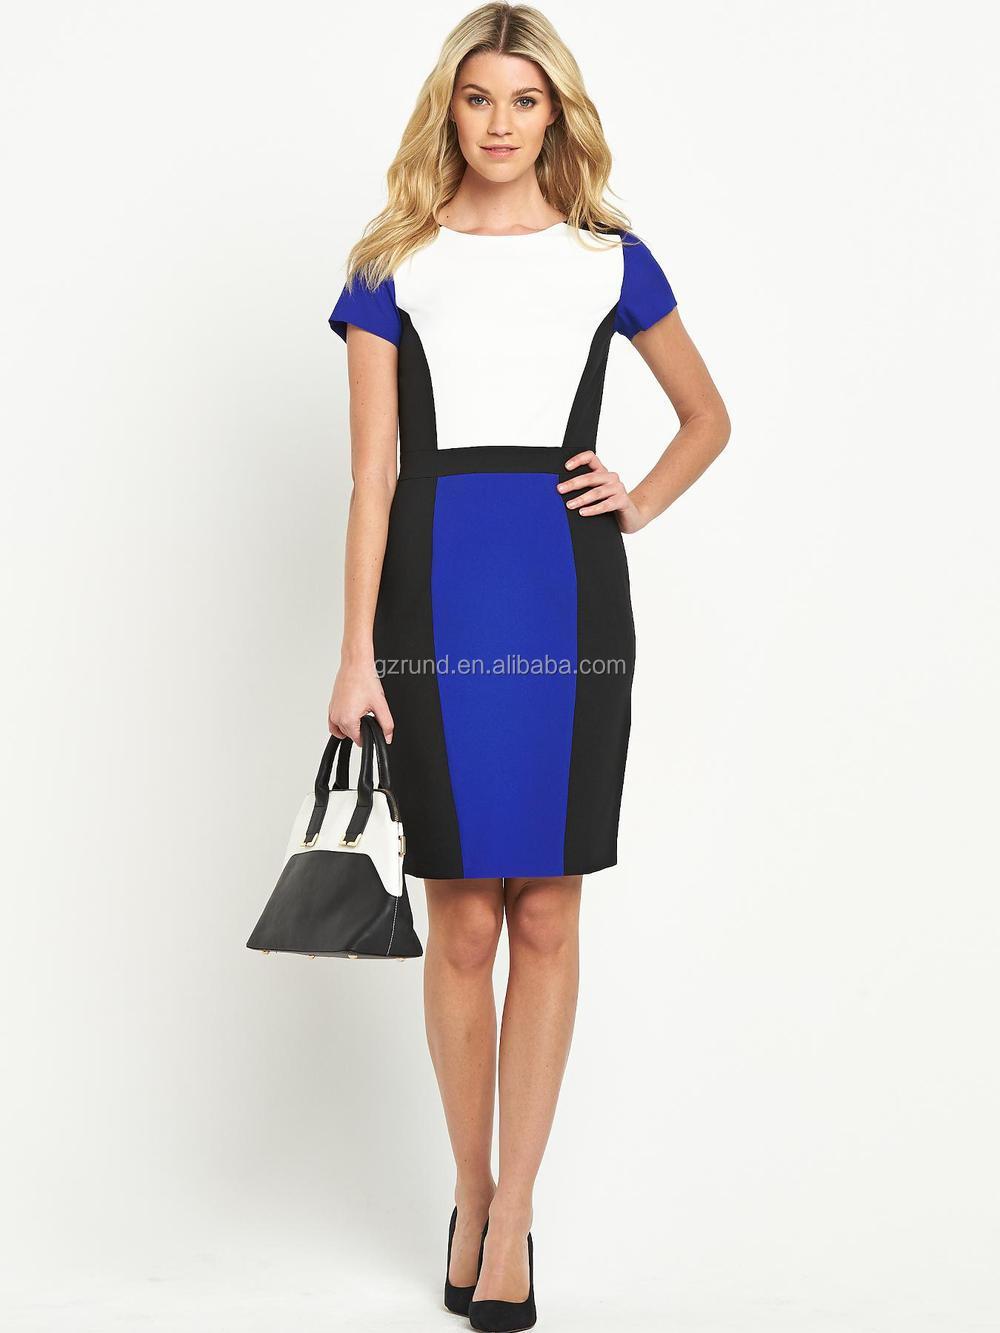 b9c42c56c Vestidos formales de oficina para las mujeres cuadros vestido Oficina para  las señoras fotos semi vestidos